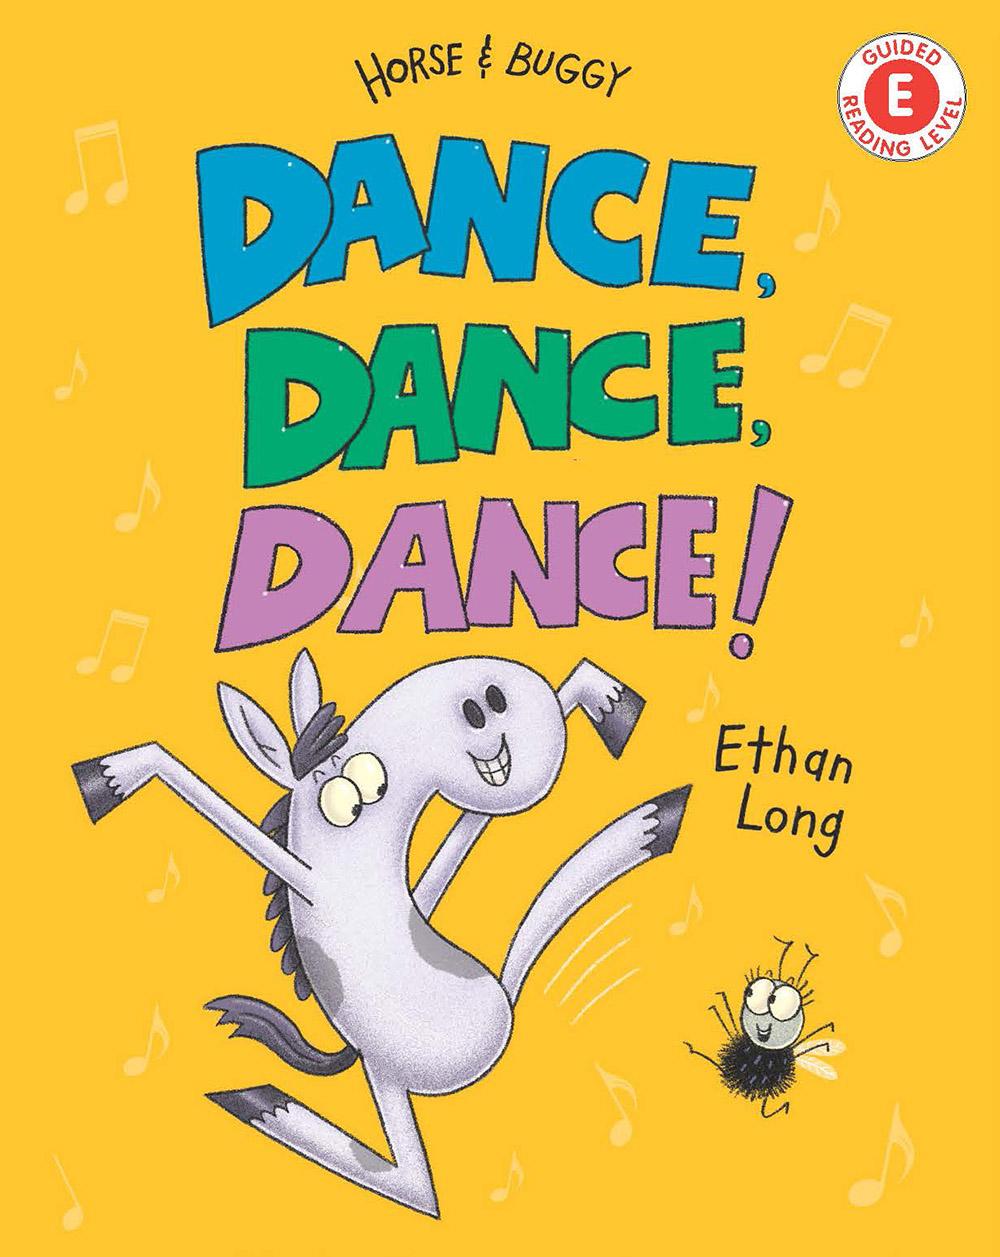 Long, Ethan 2018_02 - DANCE DANCE DANCE - ER - RLM PR.jpg